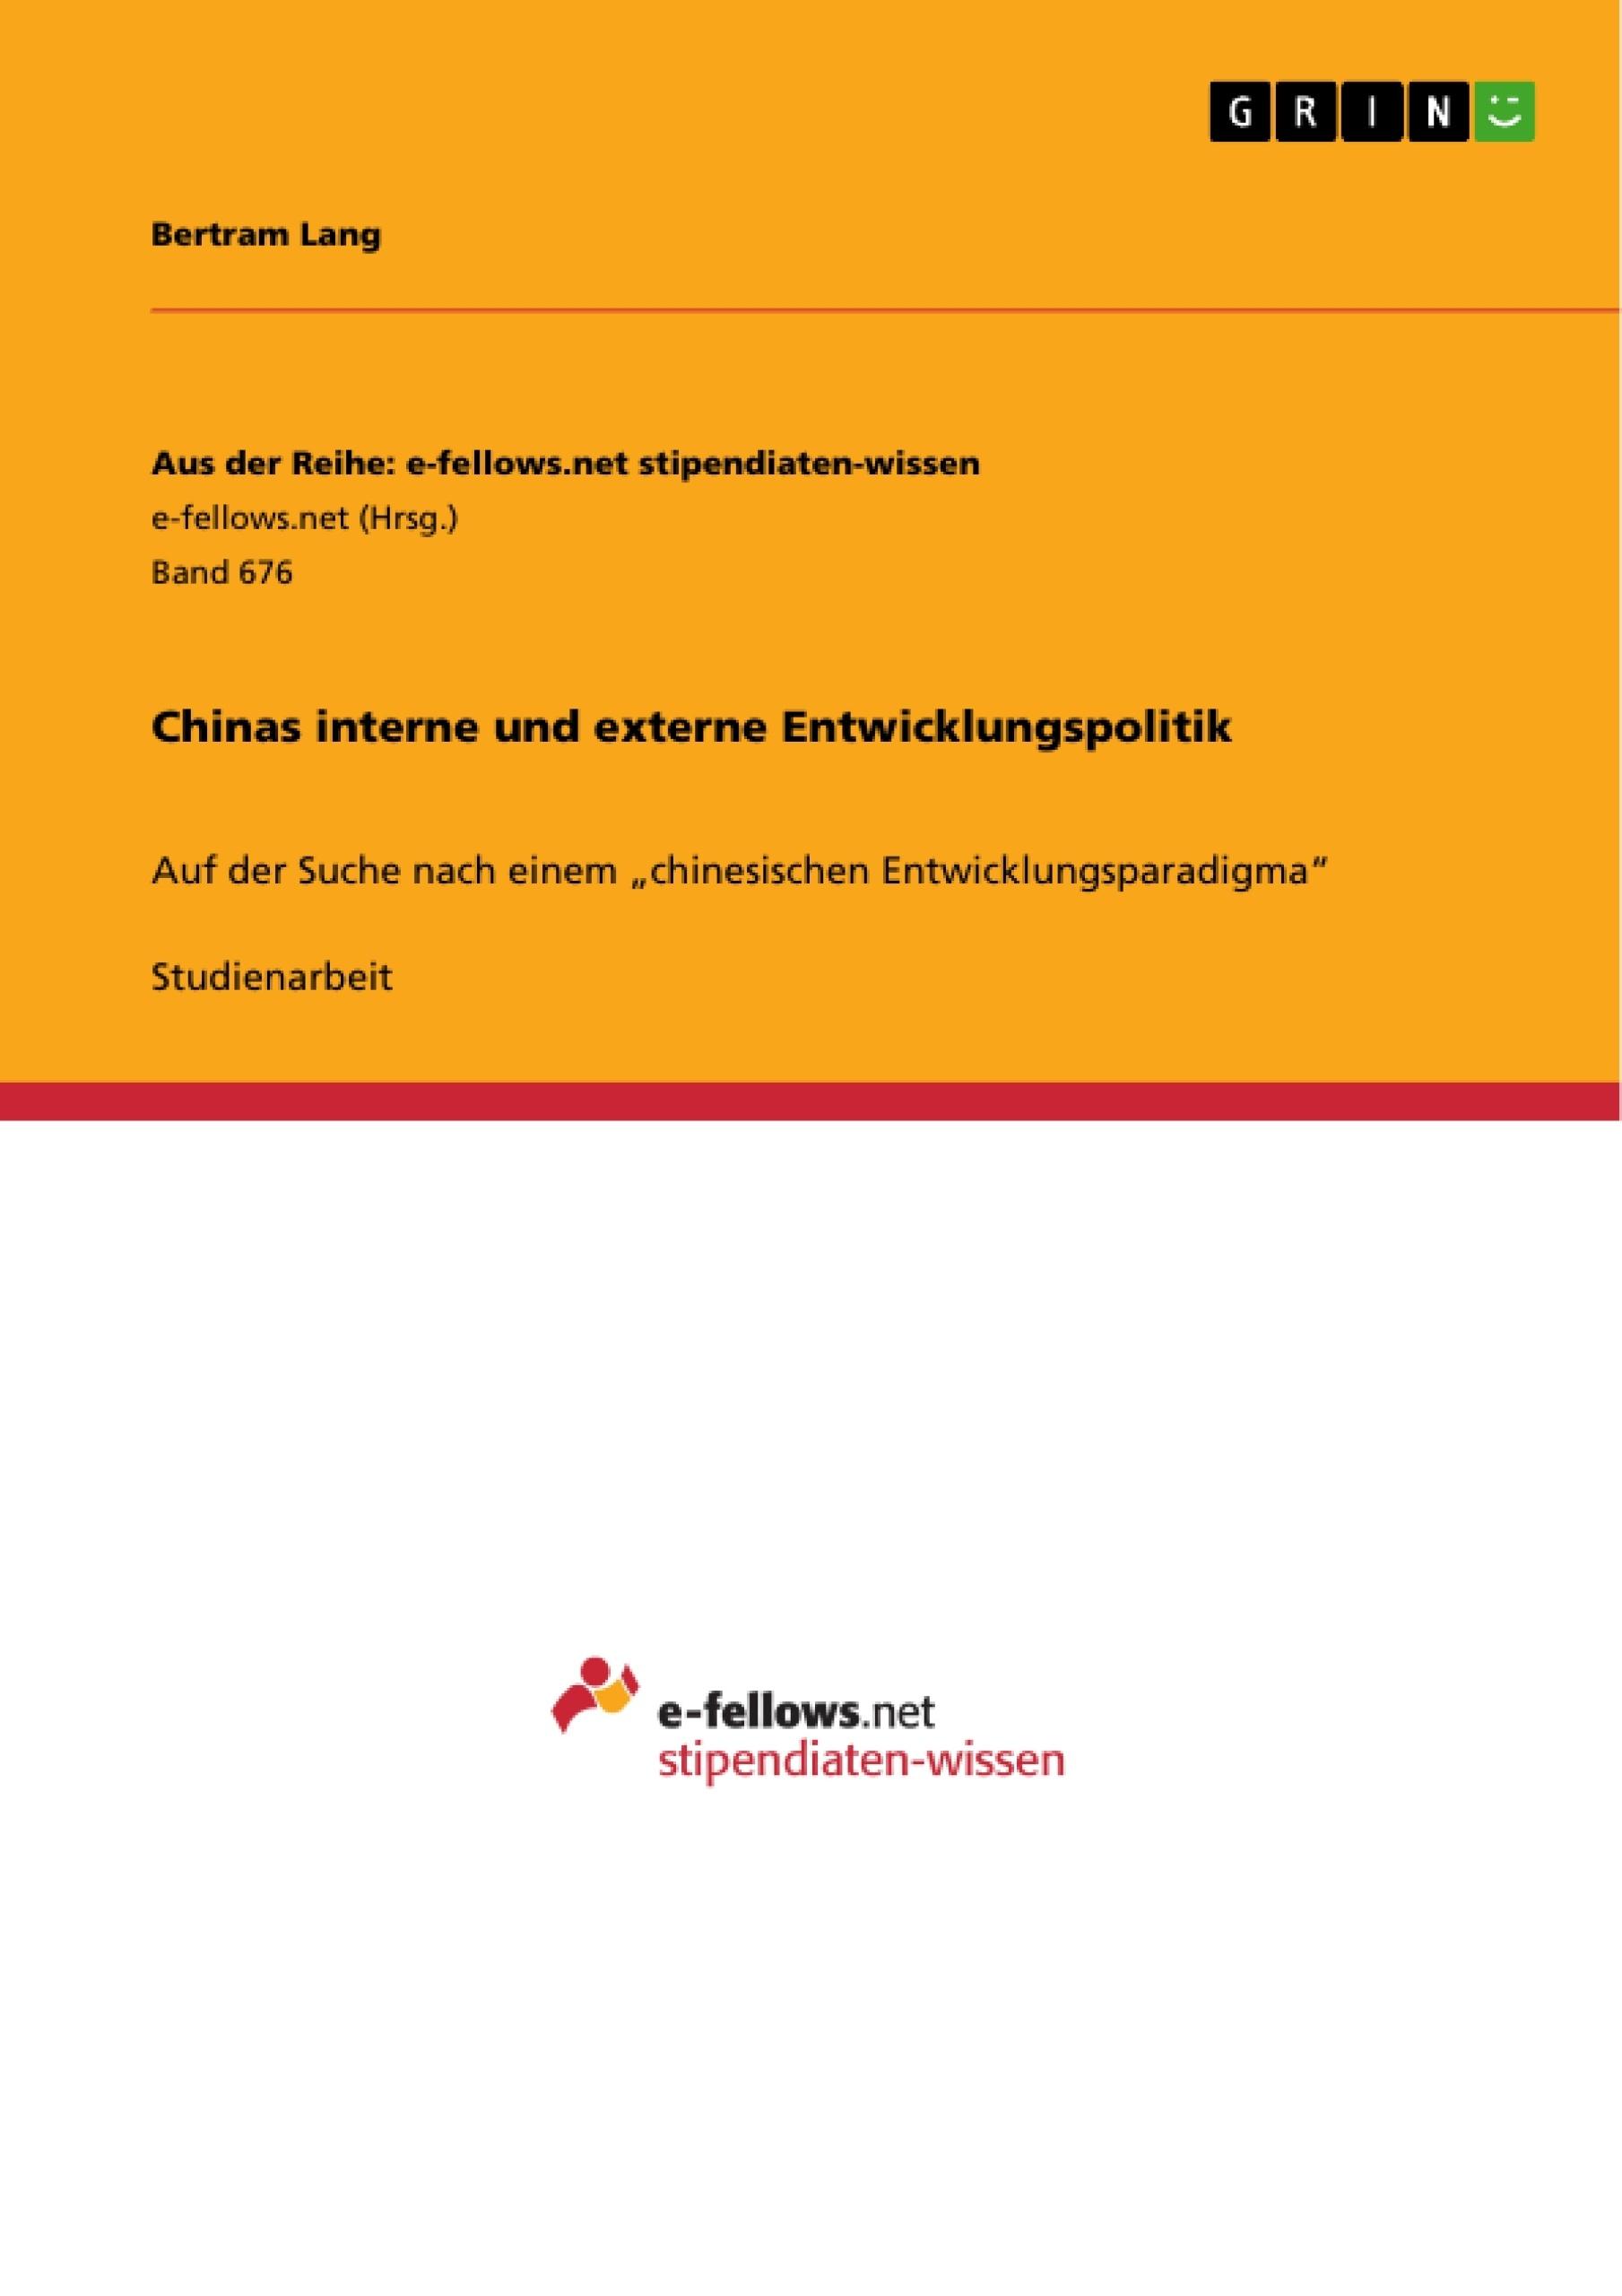 Chinas interne und externe Entwicklungspolitik | Masterarbeit ...